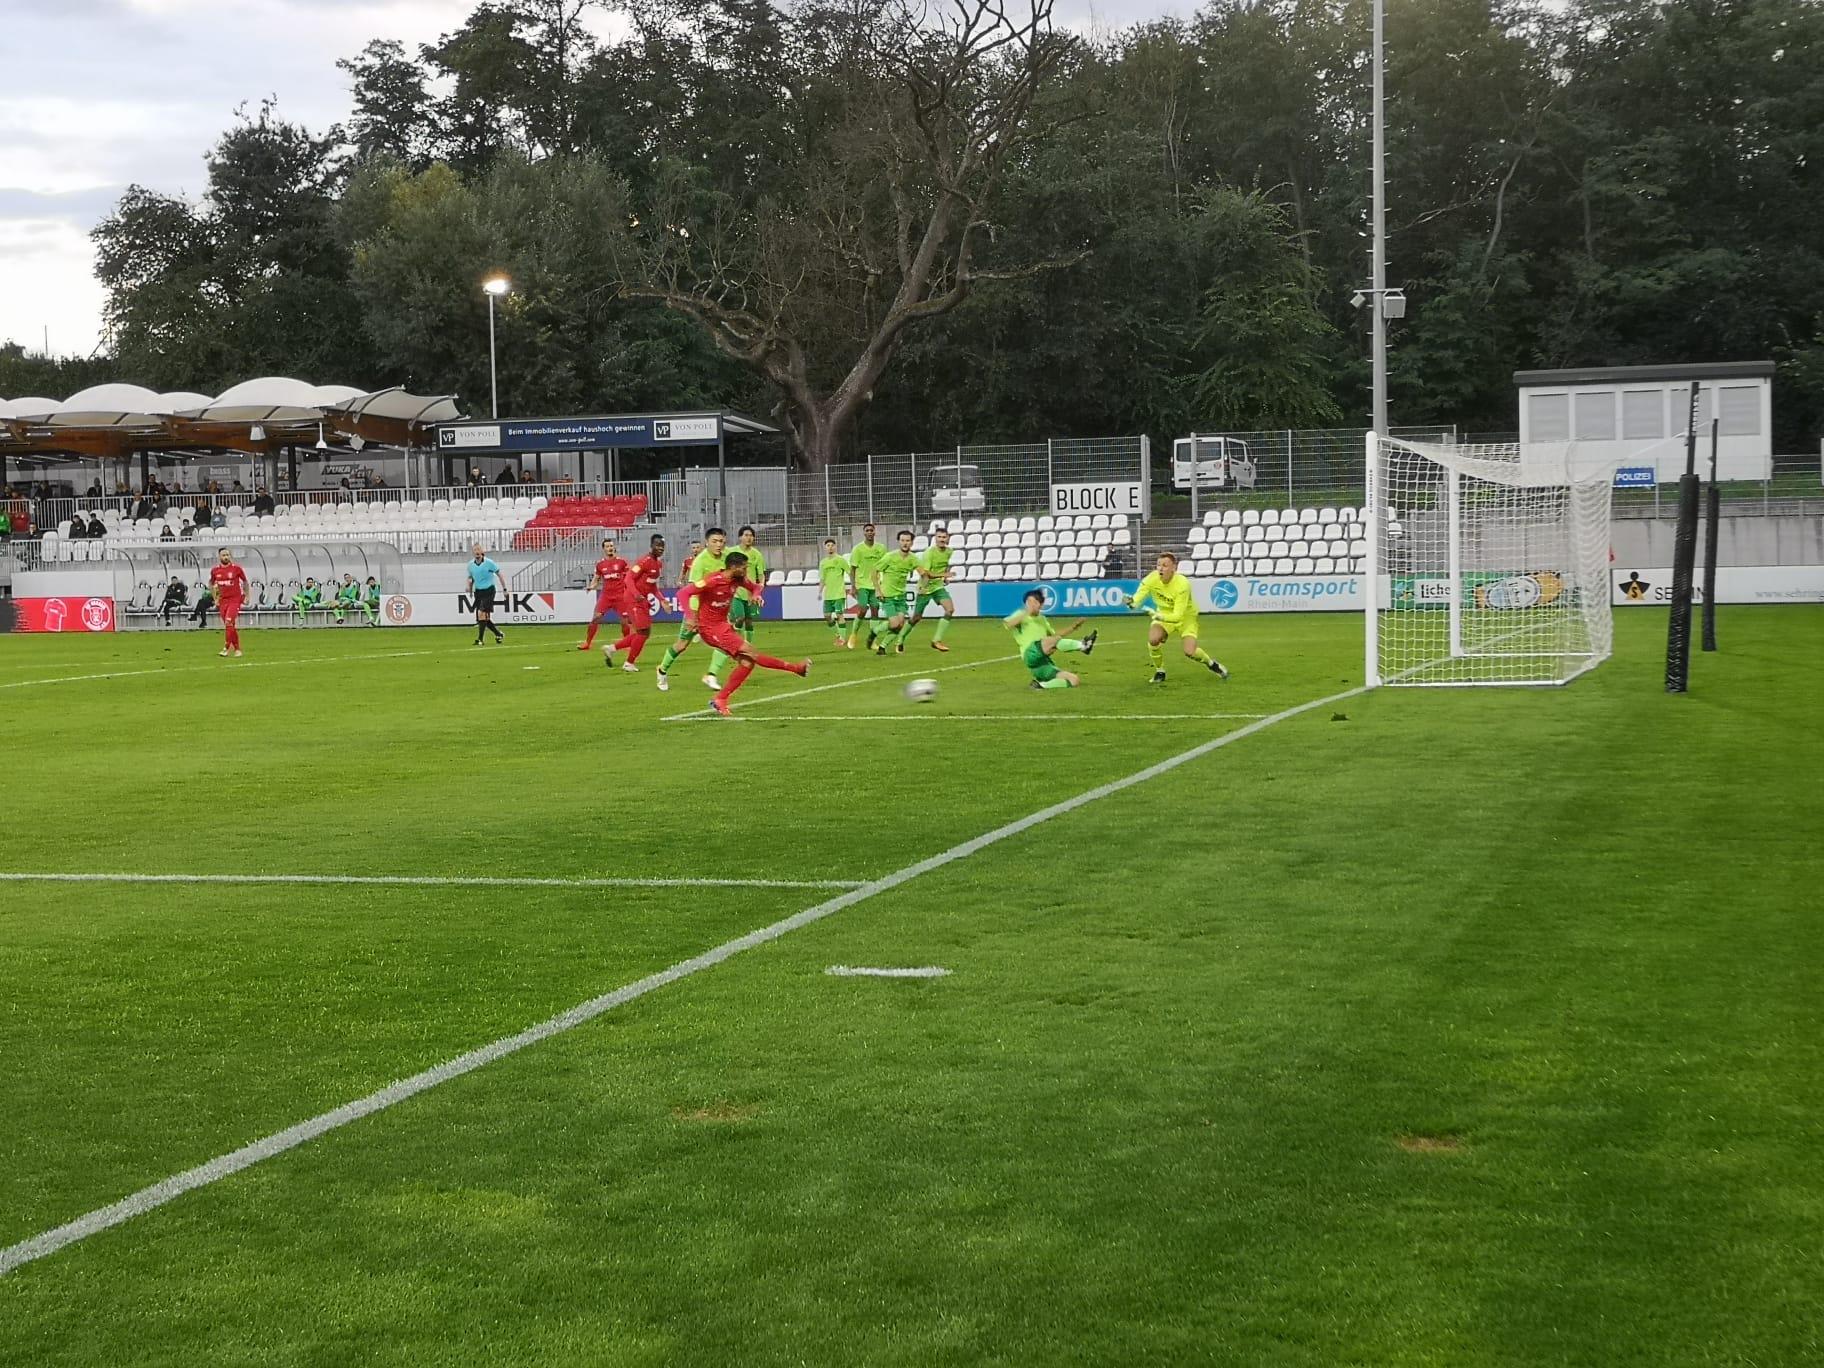 Der SC Hessen Dreieich erzielt ein Tor gegen den FV Bad Vilbel